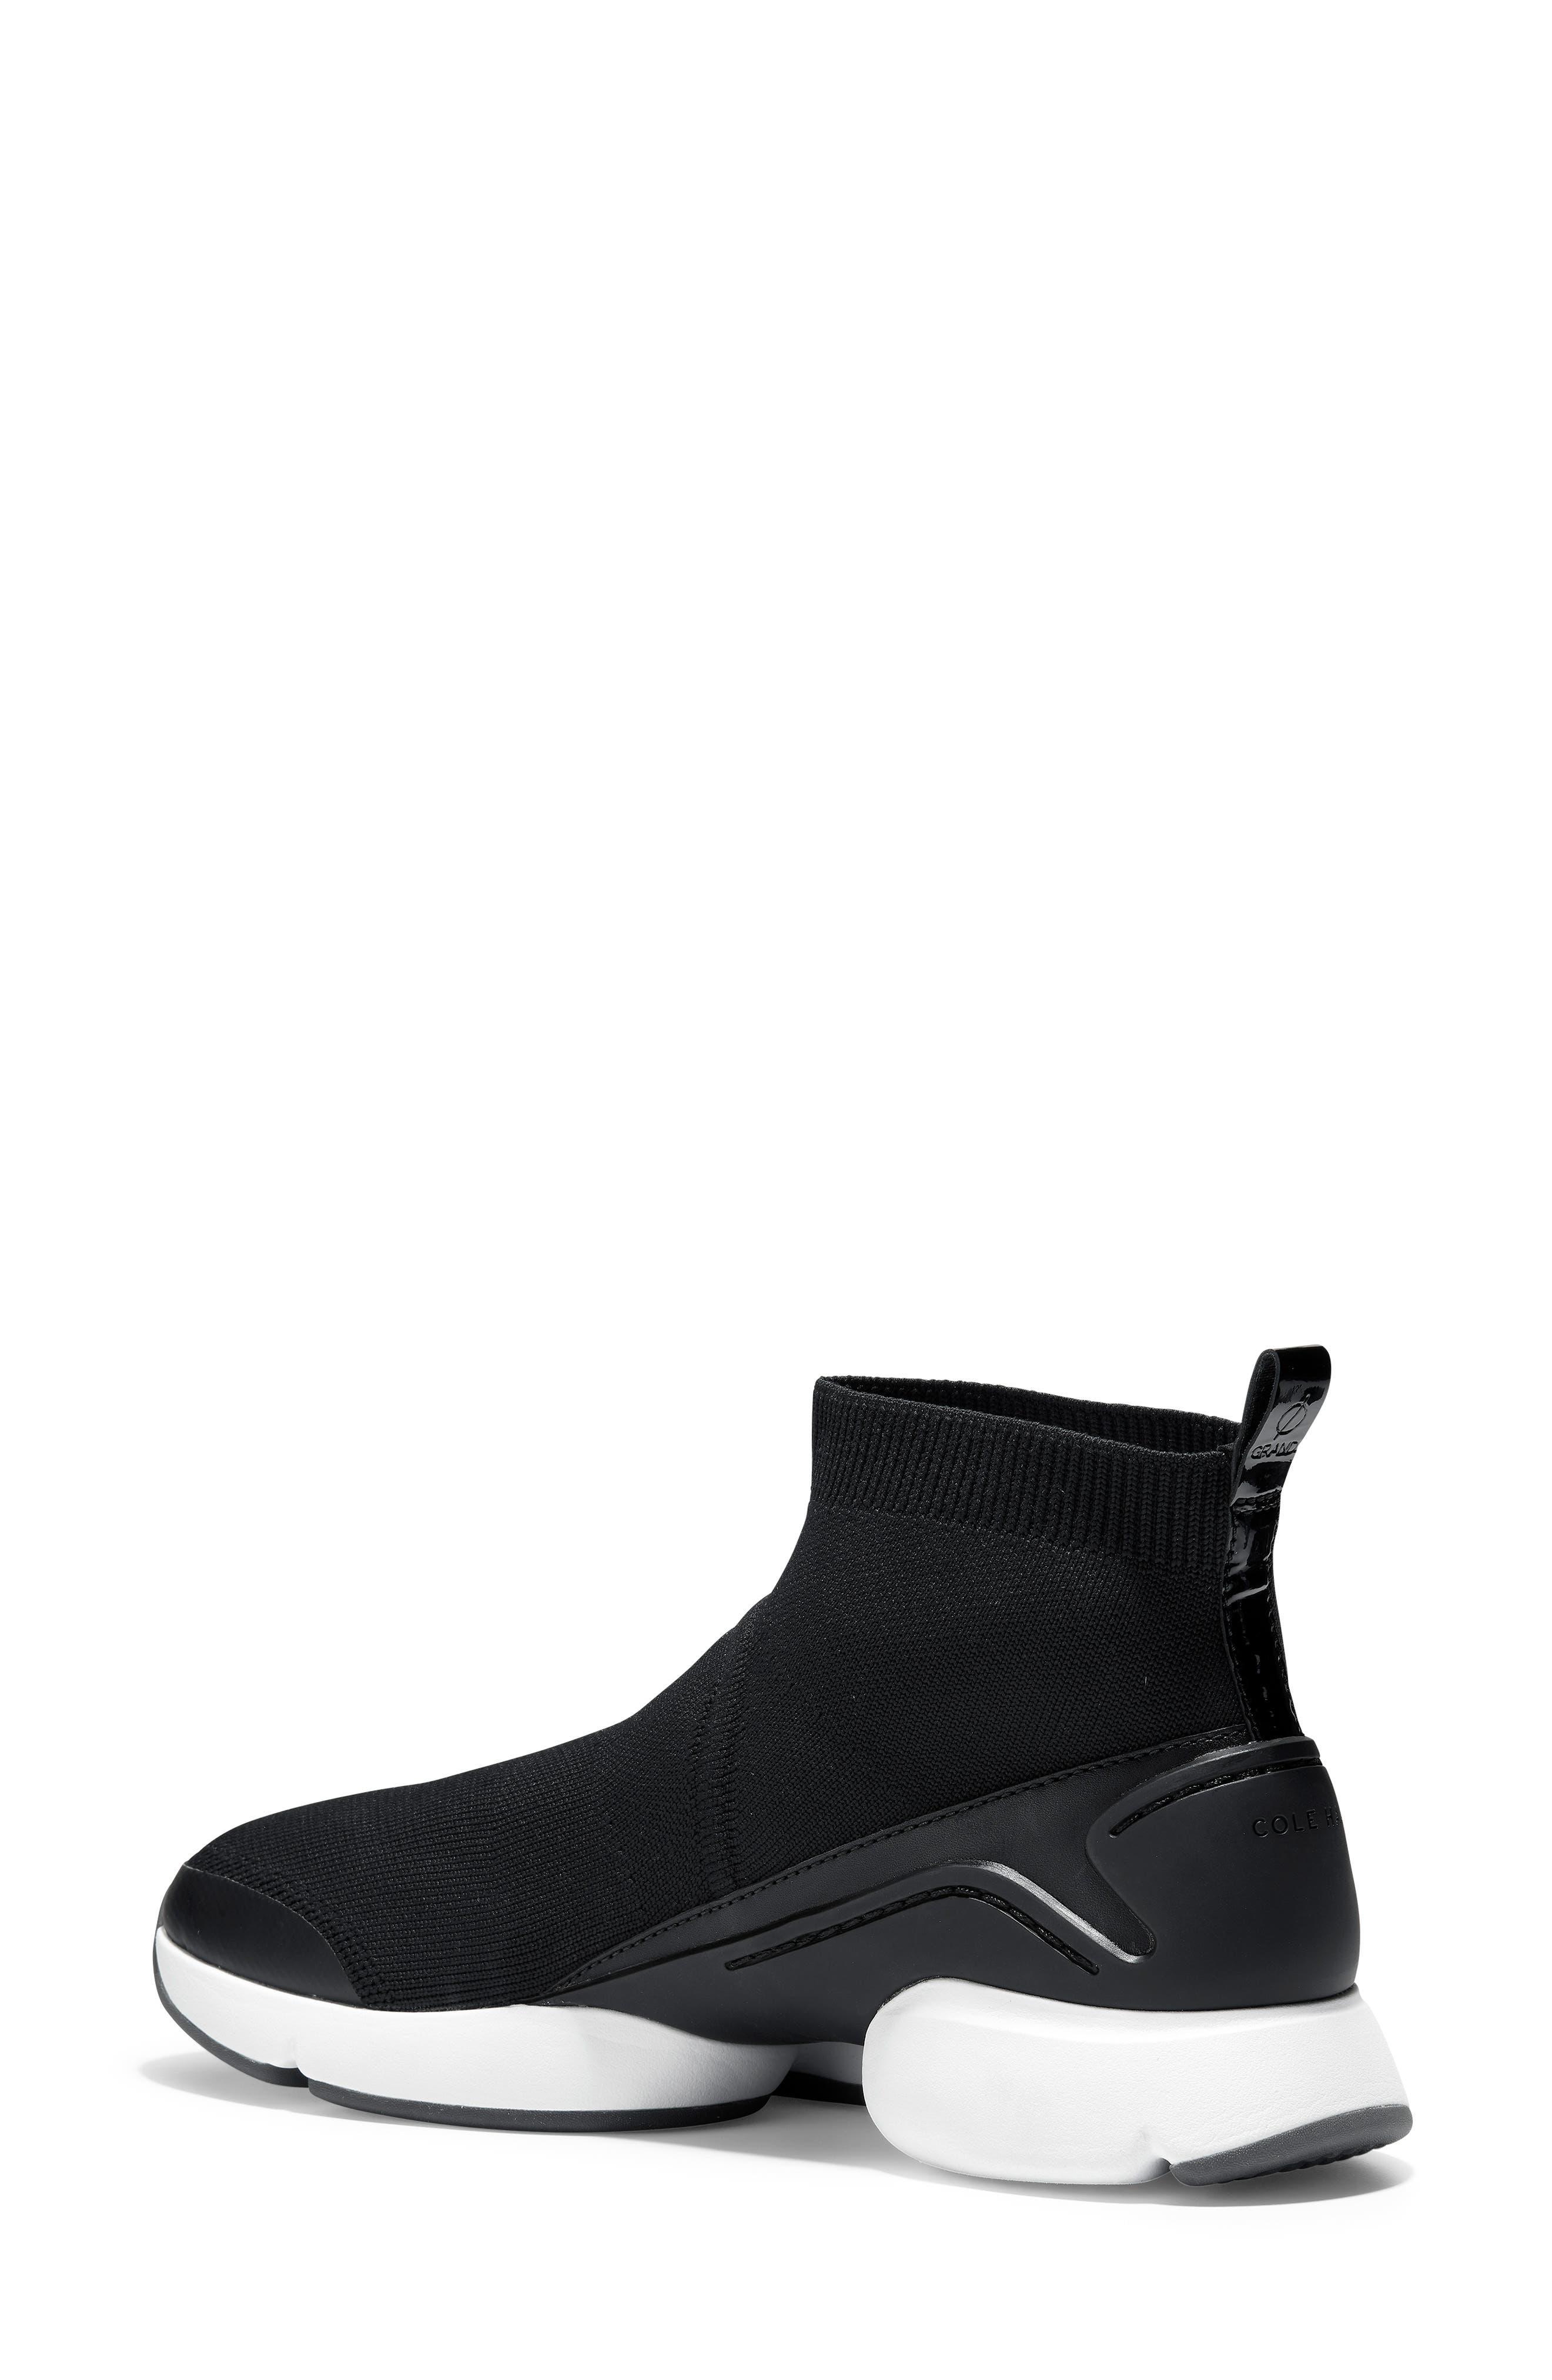 ZeroGrand Motion Slip-On Sneaker,                             Alternate thumbnail 2, color,                             BLACK LEATHER